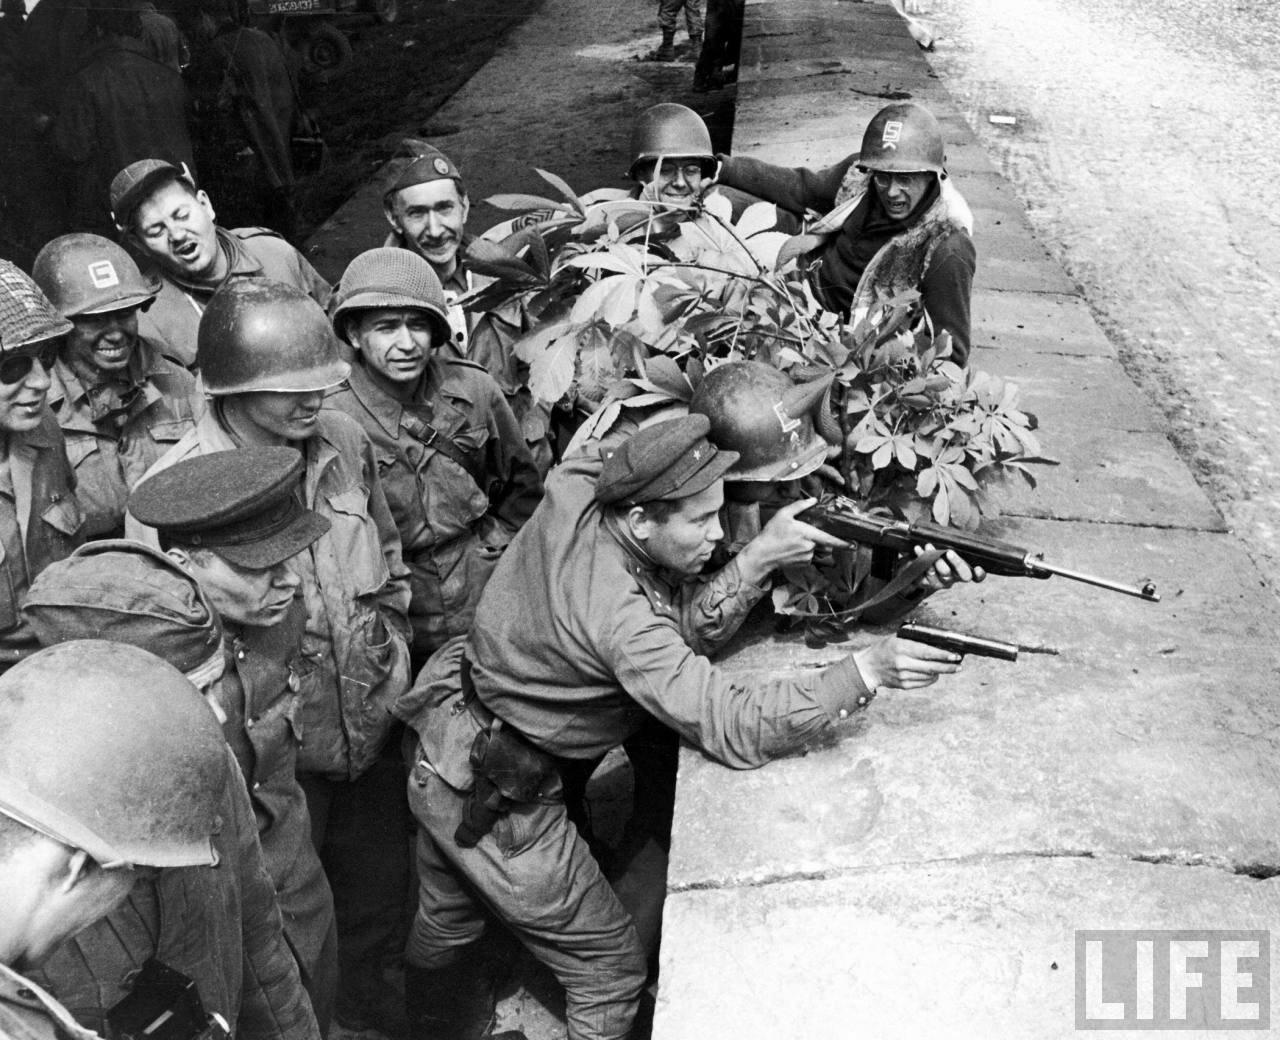 Солдаты русской пятьдесят восьмой гвардейской пехотной дивизии и американский шестьдесят девятой пехотной дивизии обменялись оружием на пробу